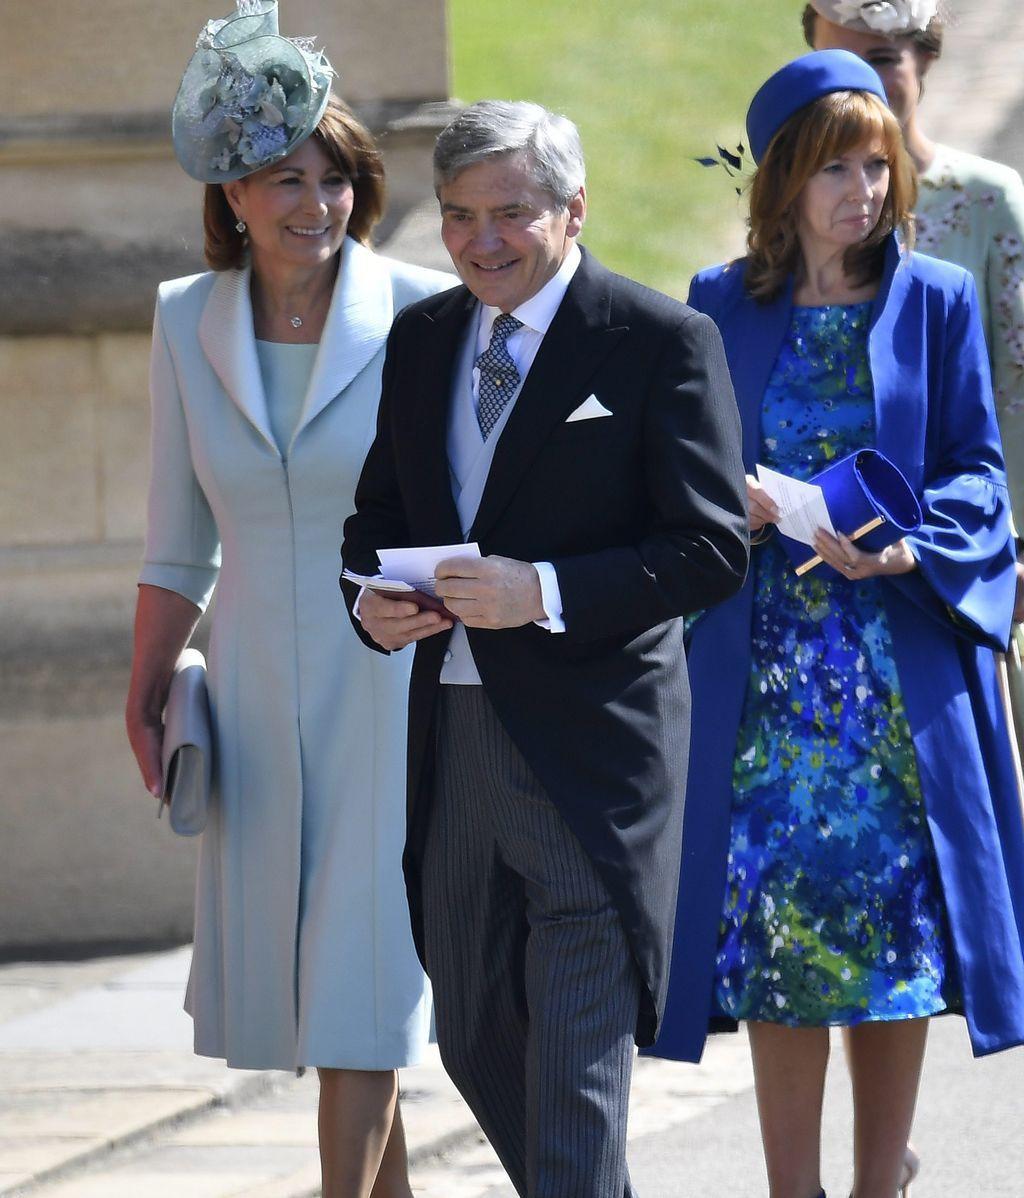 Michael y Carole, los padres de Kate Middleton